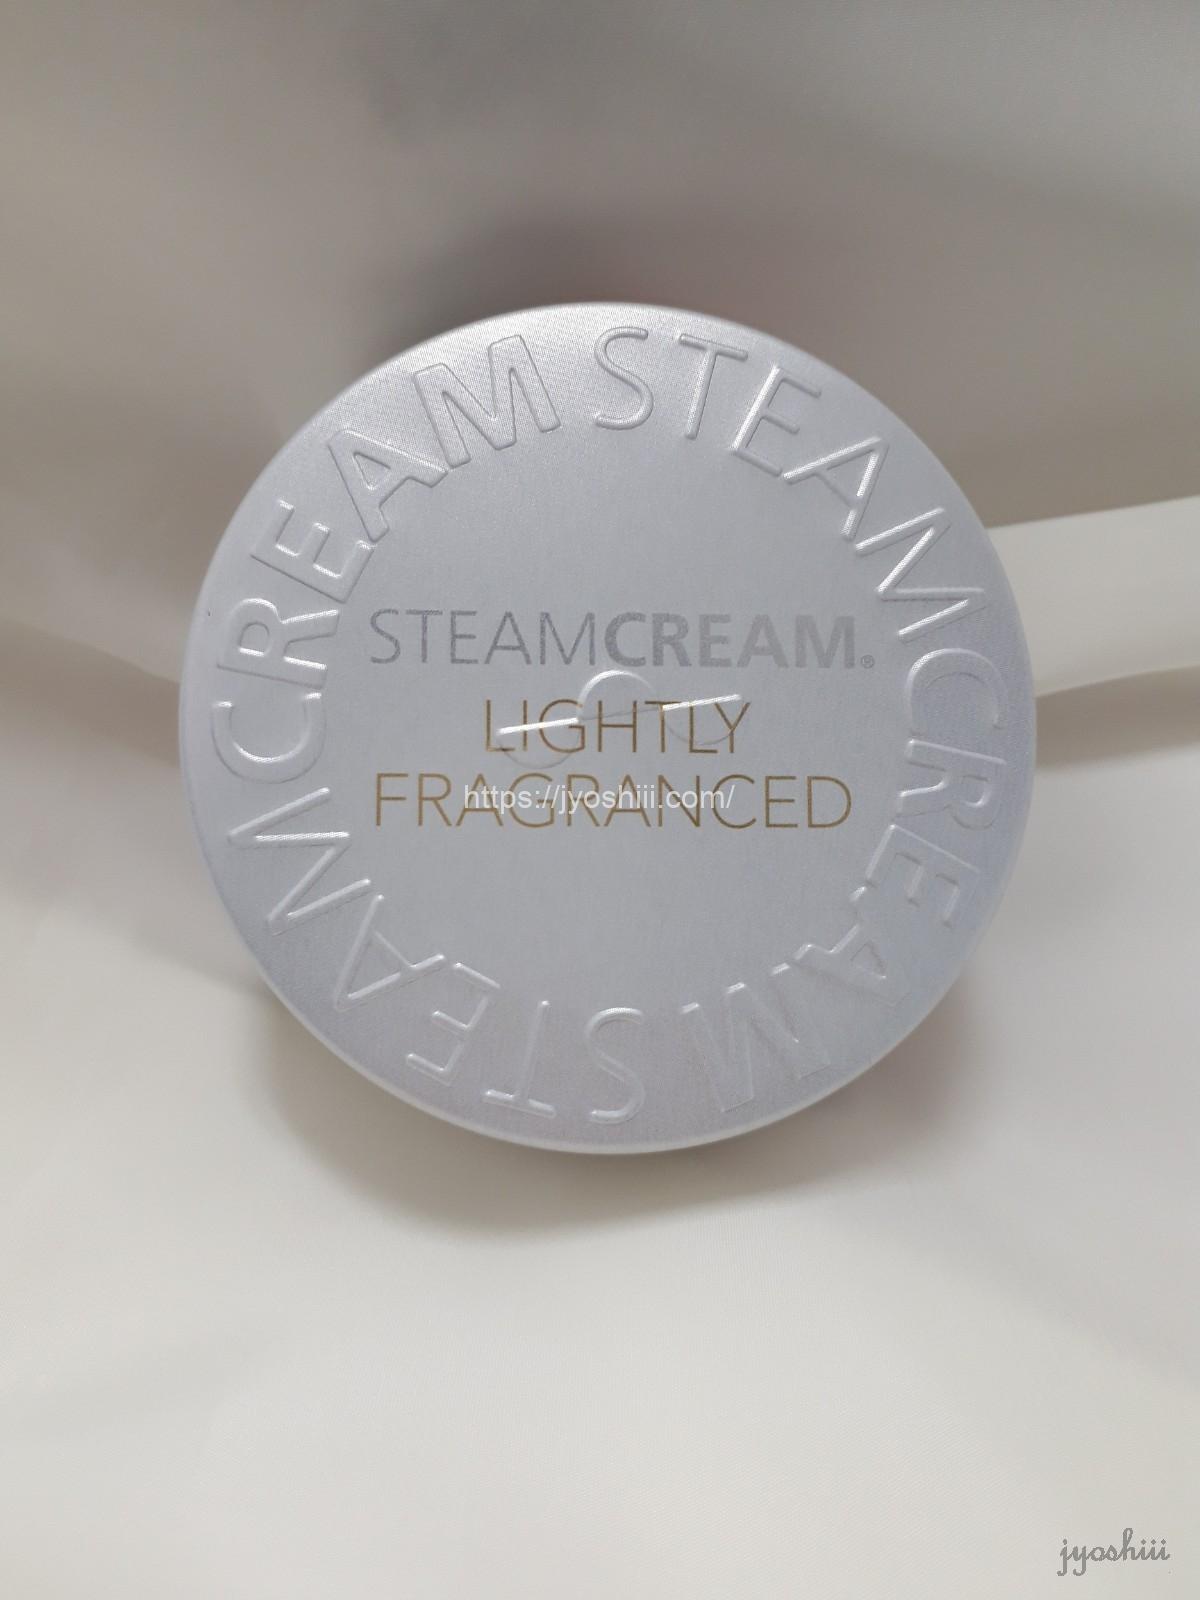 スチームクリーム微香料タイプのレビュー・缶のデザイン